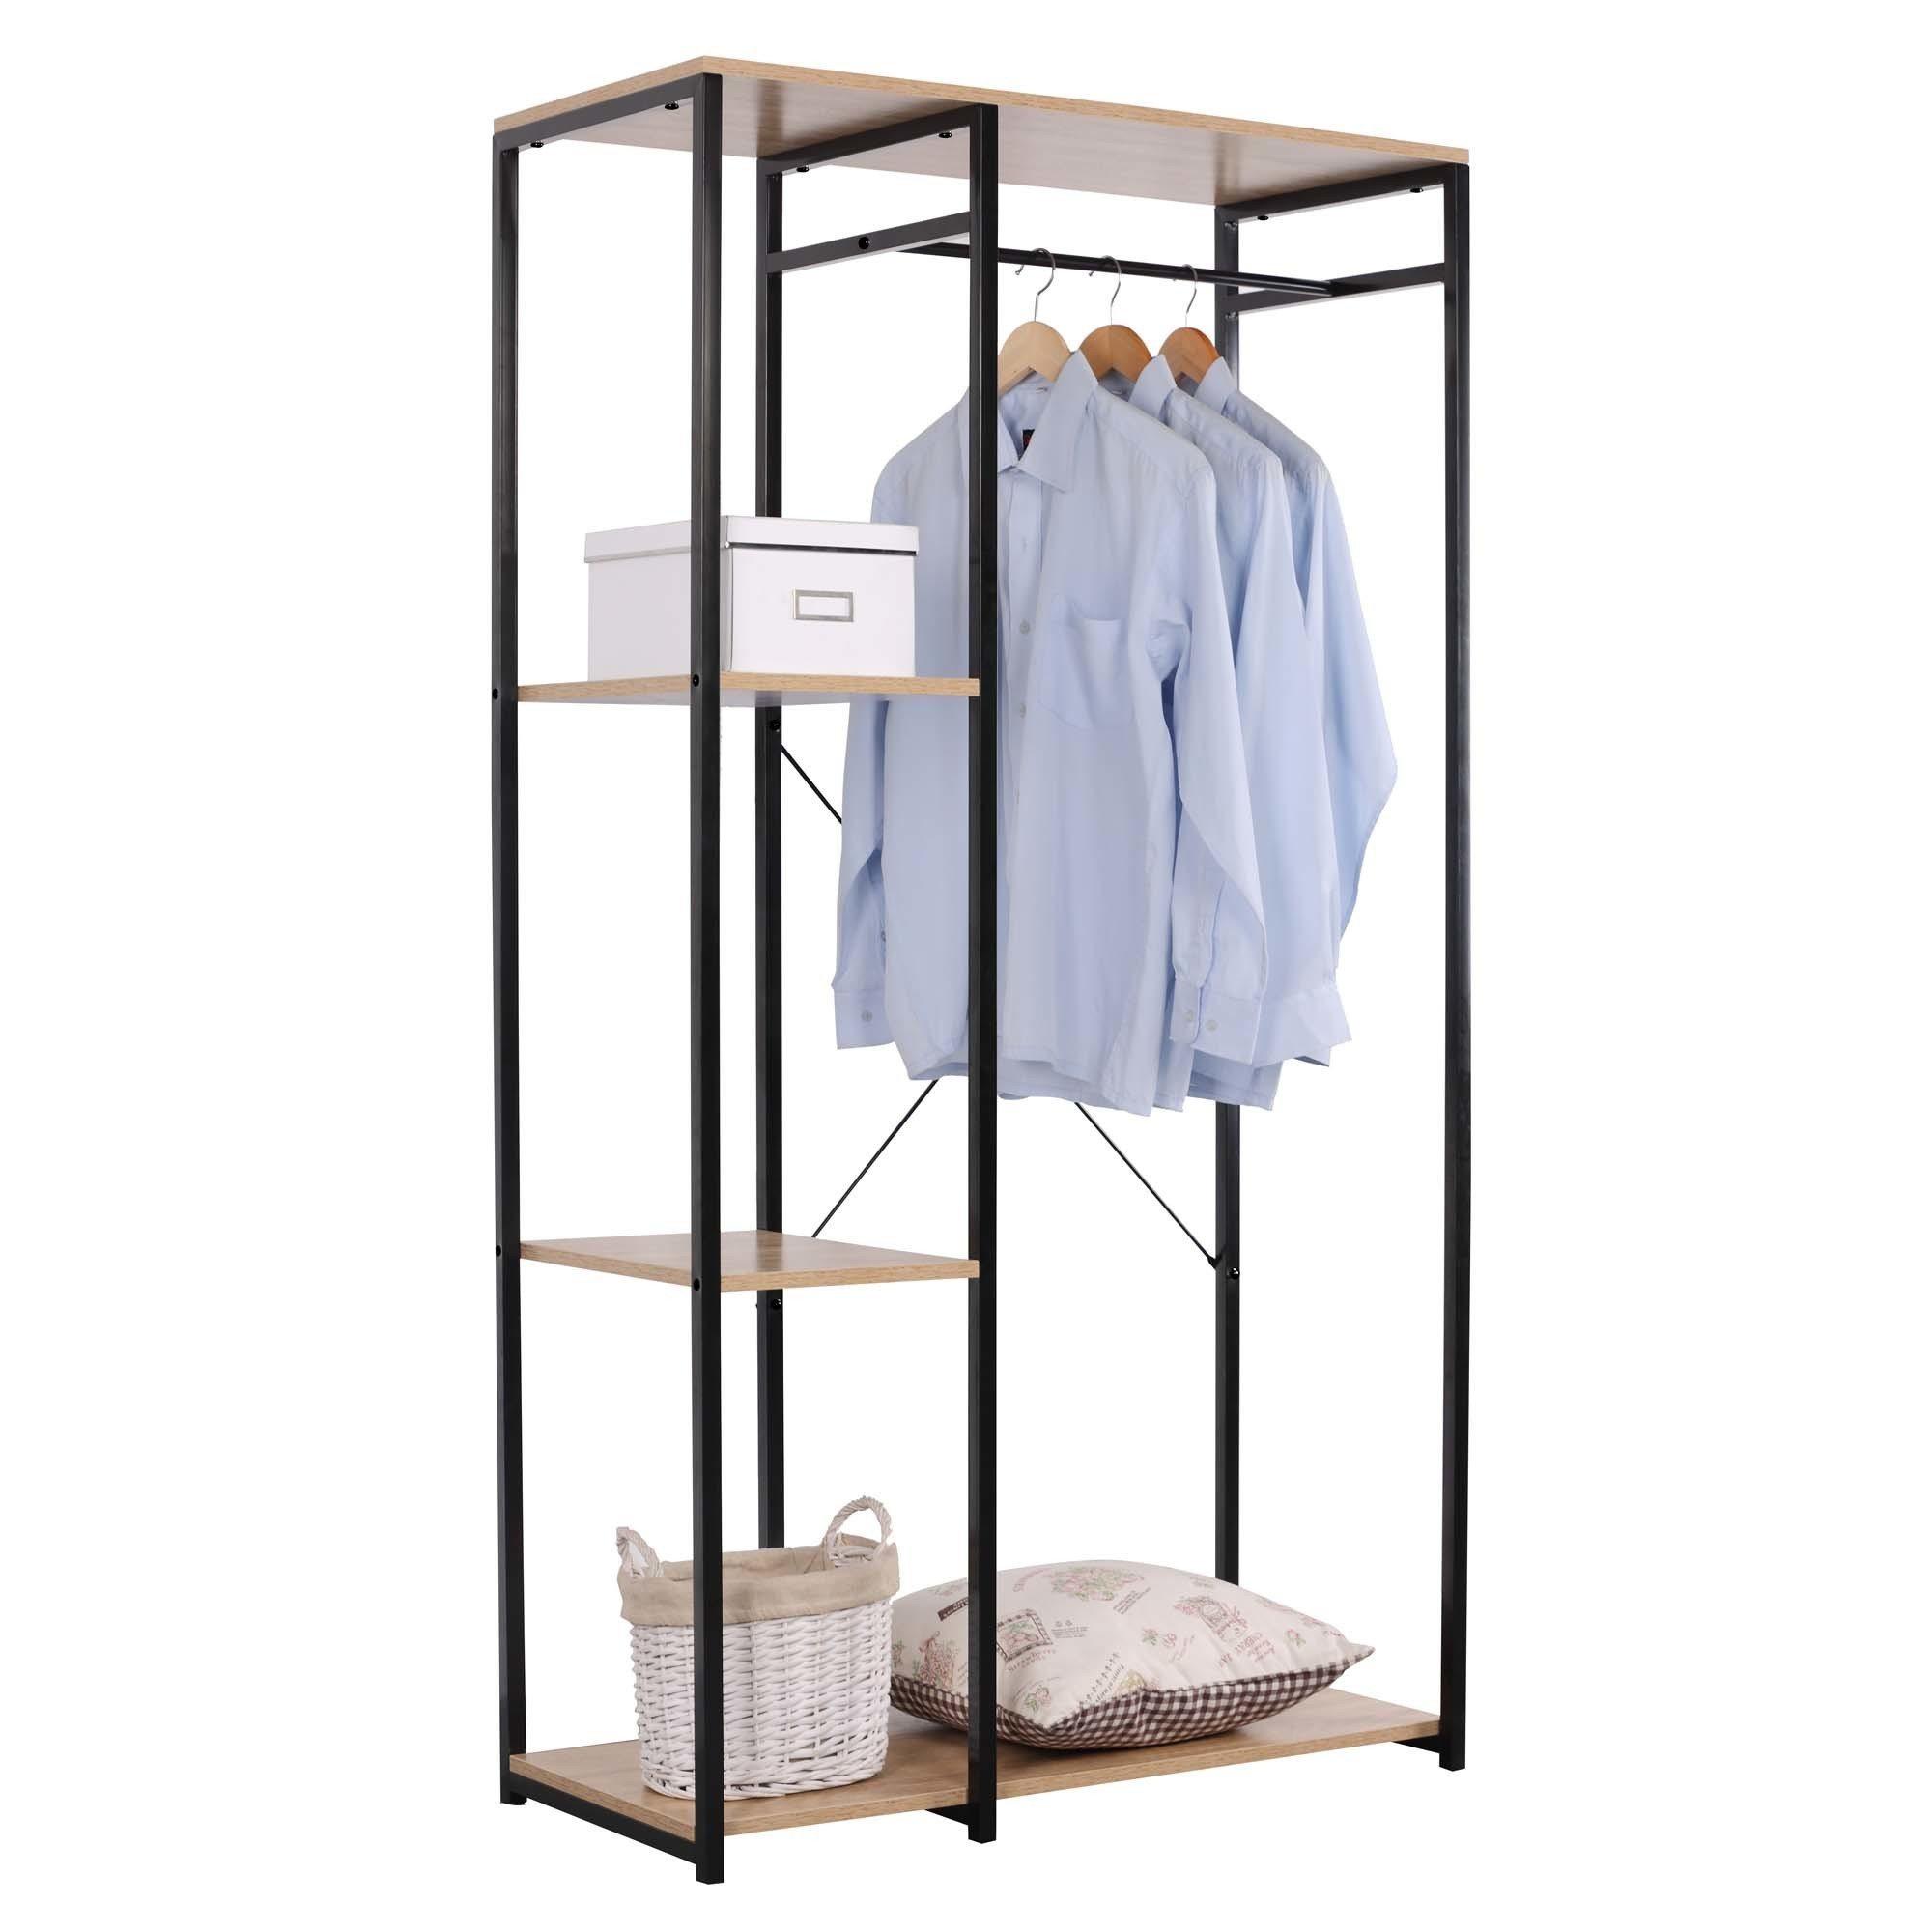 Begehbarer Kleiderschrank Preisvergleich • Die besten ...